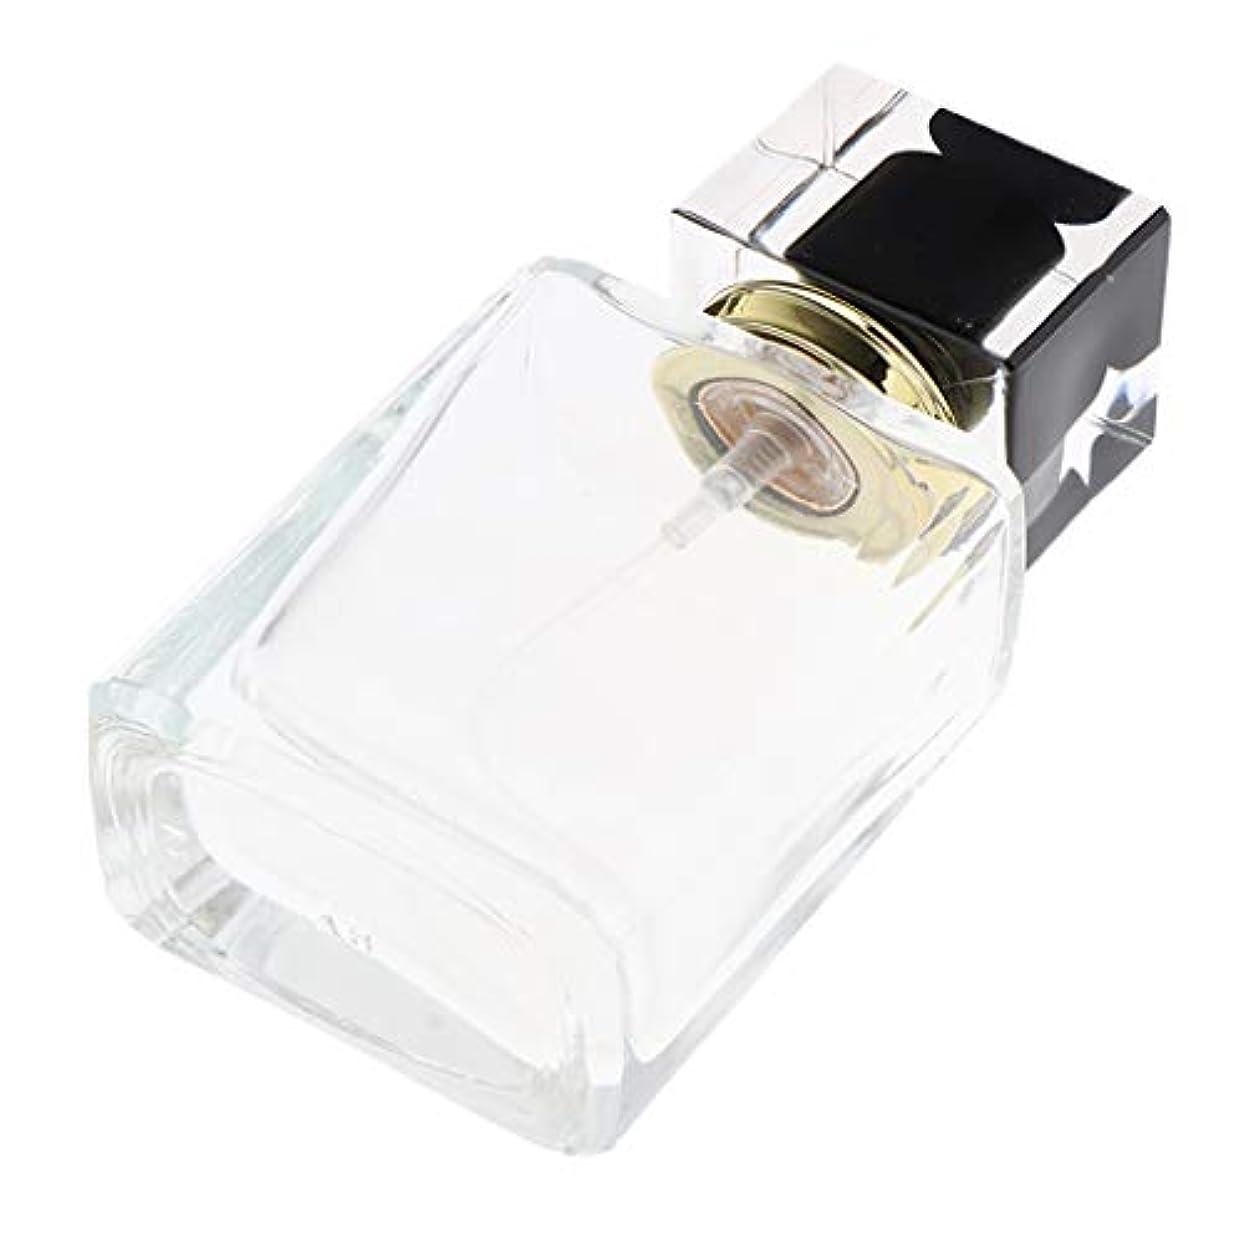 祝うキャロラインカウントCUTICATE 香水瓶 スプレー 香水瓶 ポンプ式 香水ボトル 50ml 正方形 詰め替え容器 通勤/旅行/出張 全5種 - ブラックキャップ